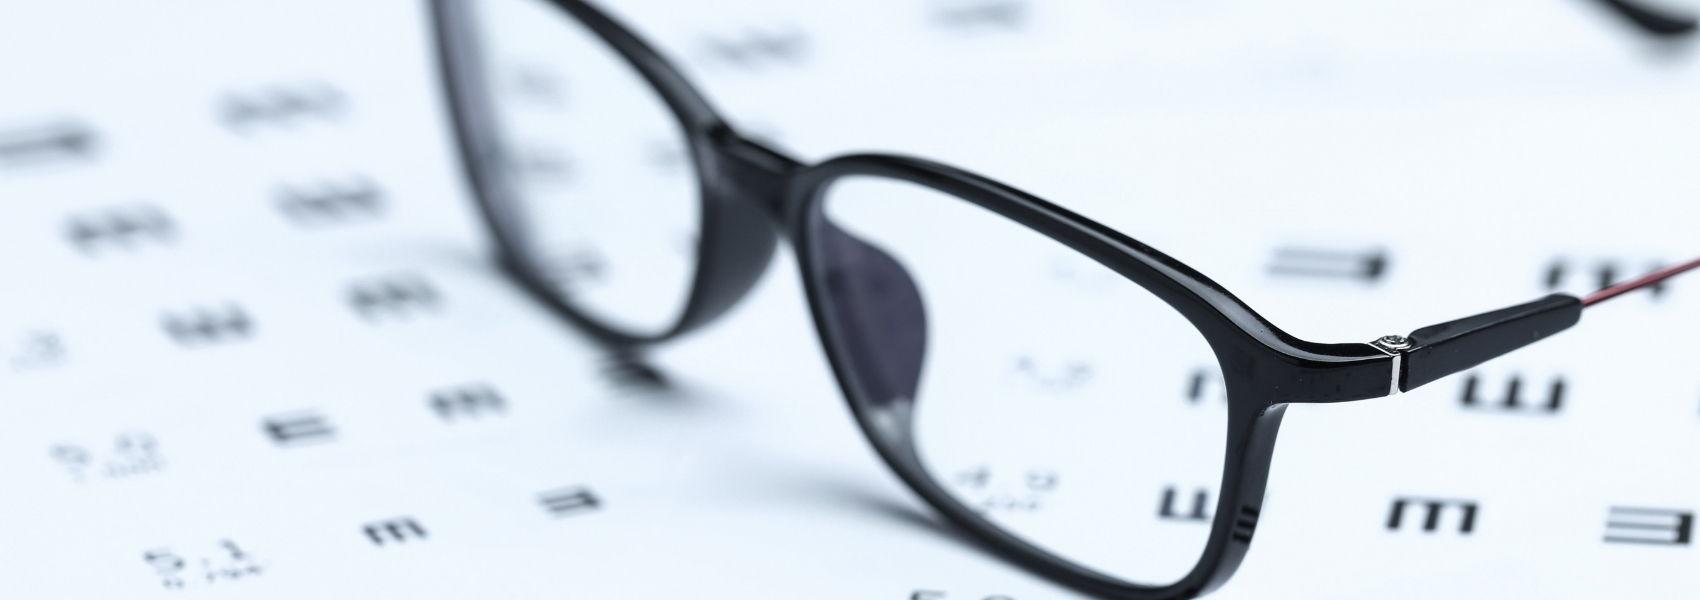 oftalmologistas com nova liderança